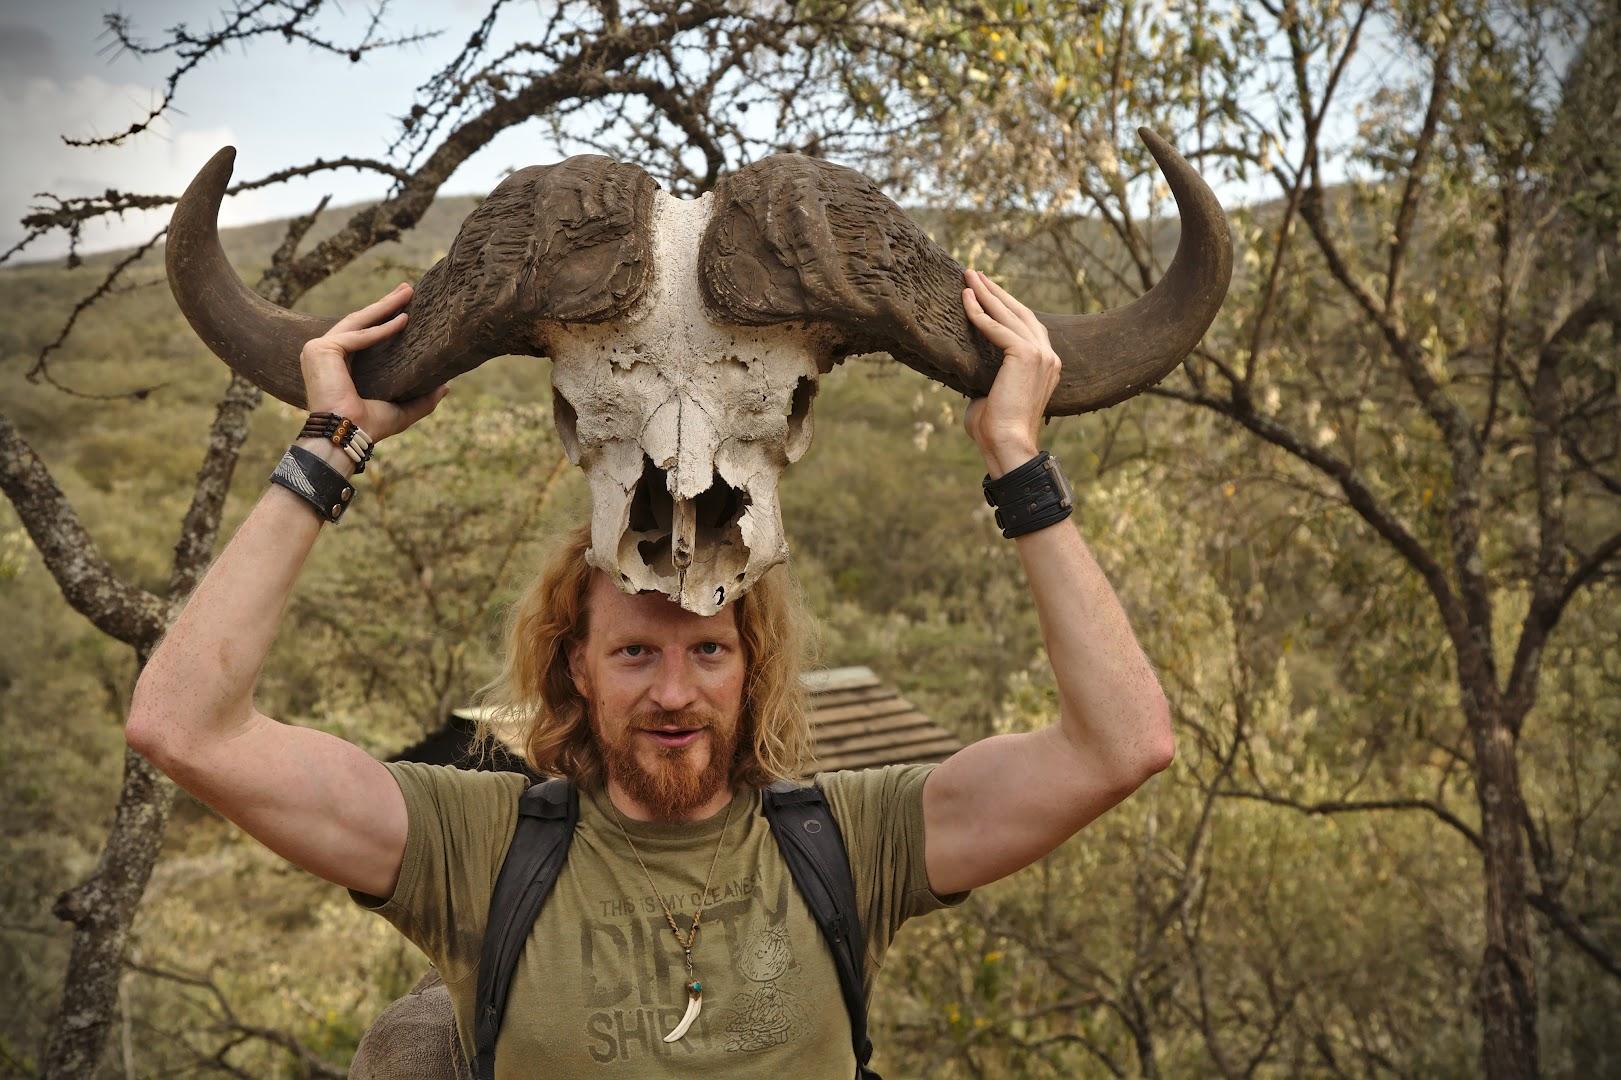 Buffalo's head is big